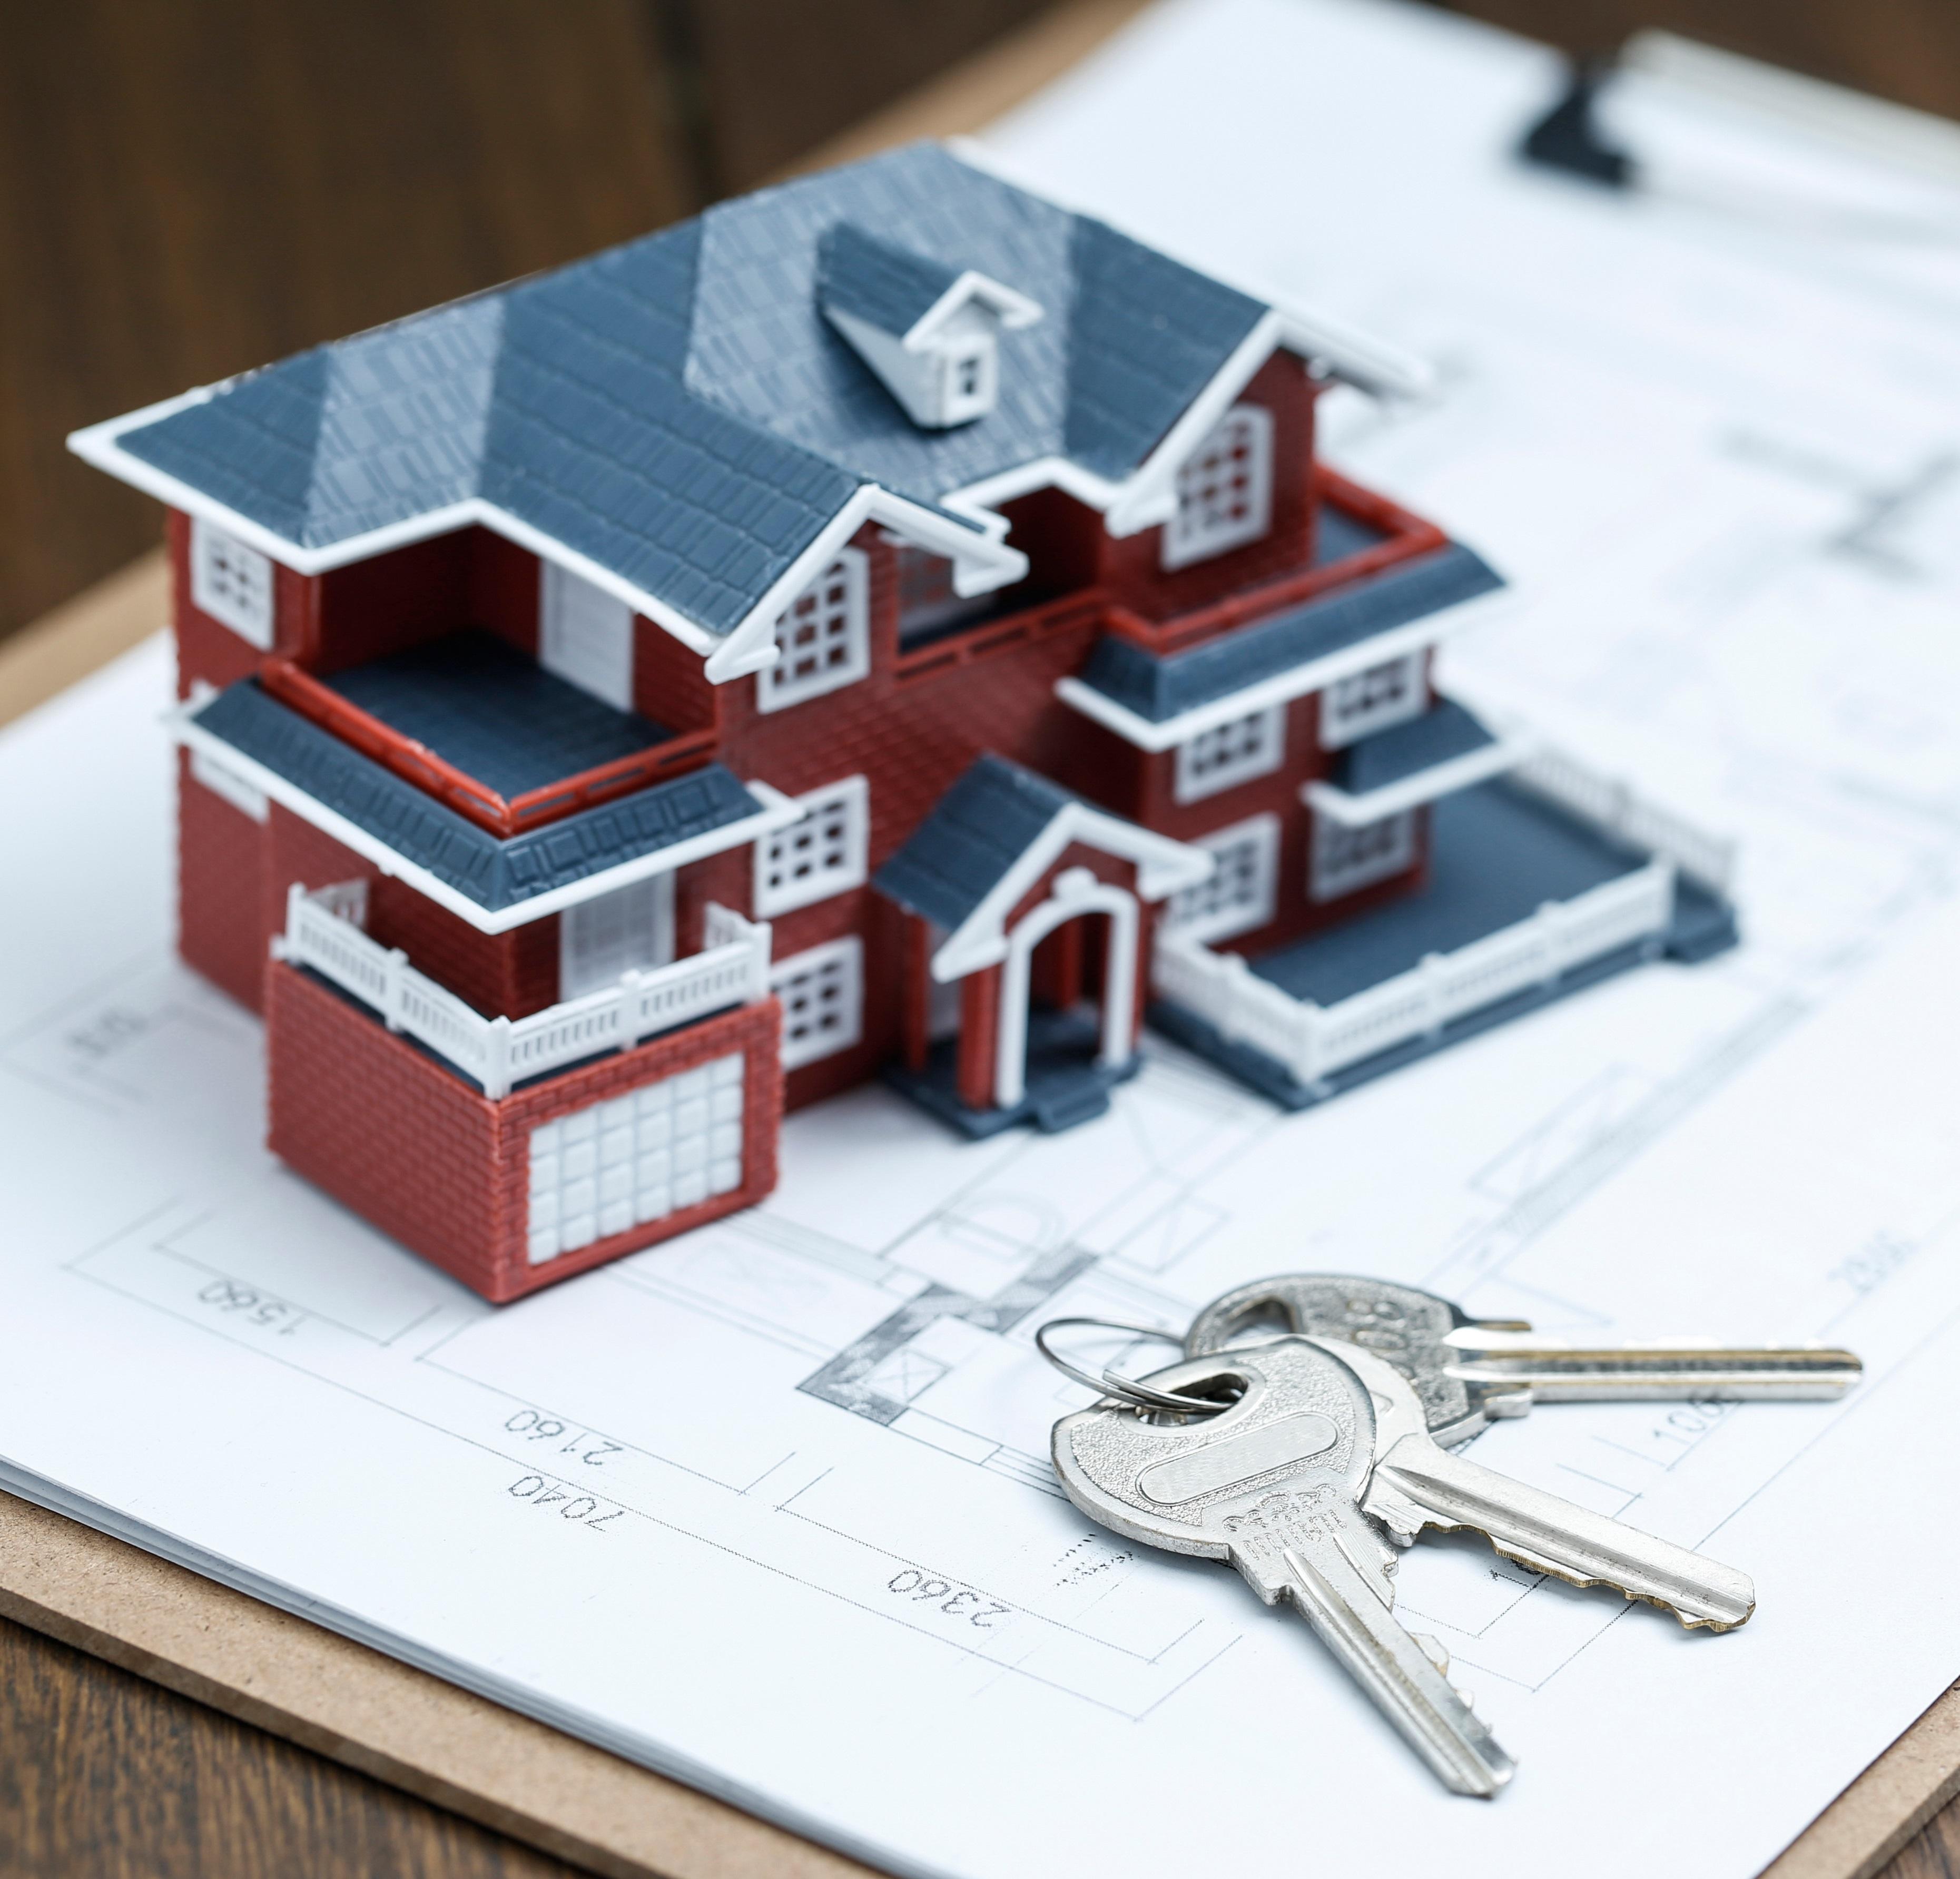 Compraventa e inversión inmobiliaria en Miami (FL) | Miami Inmobiliario